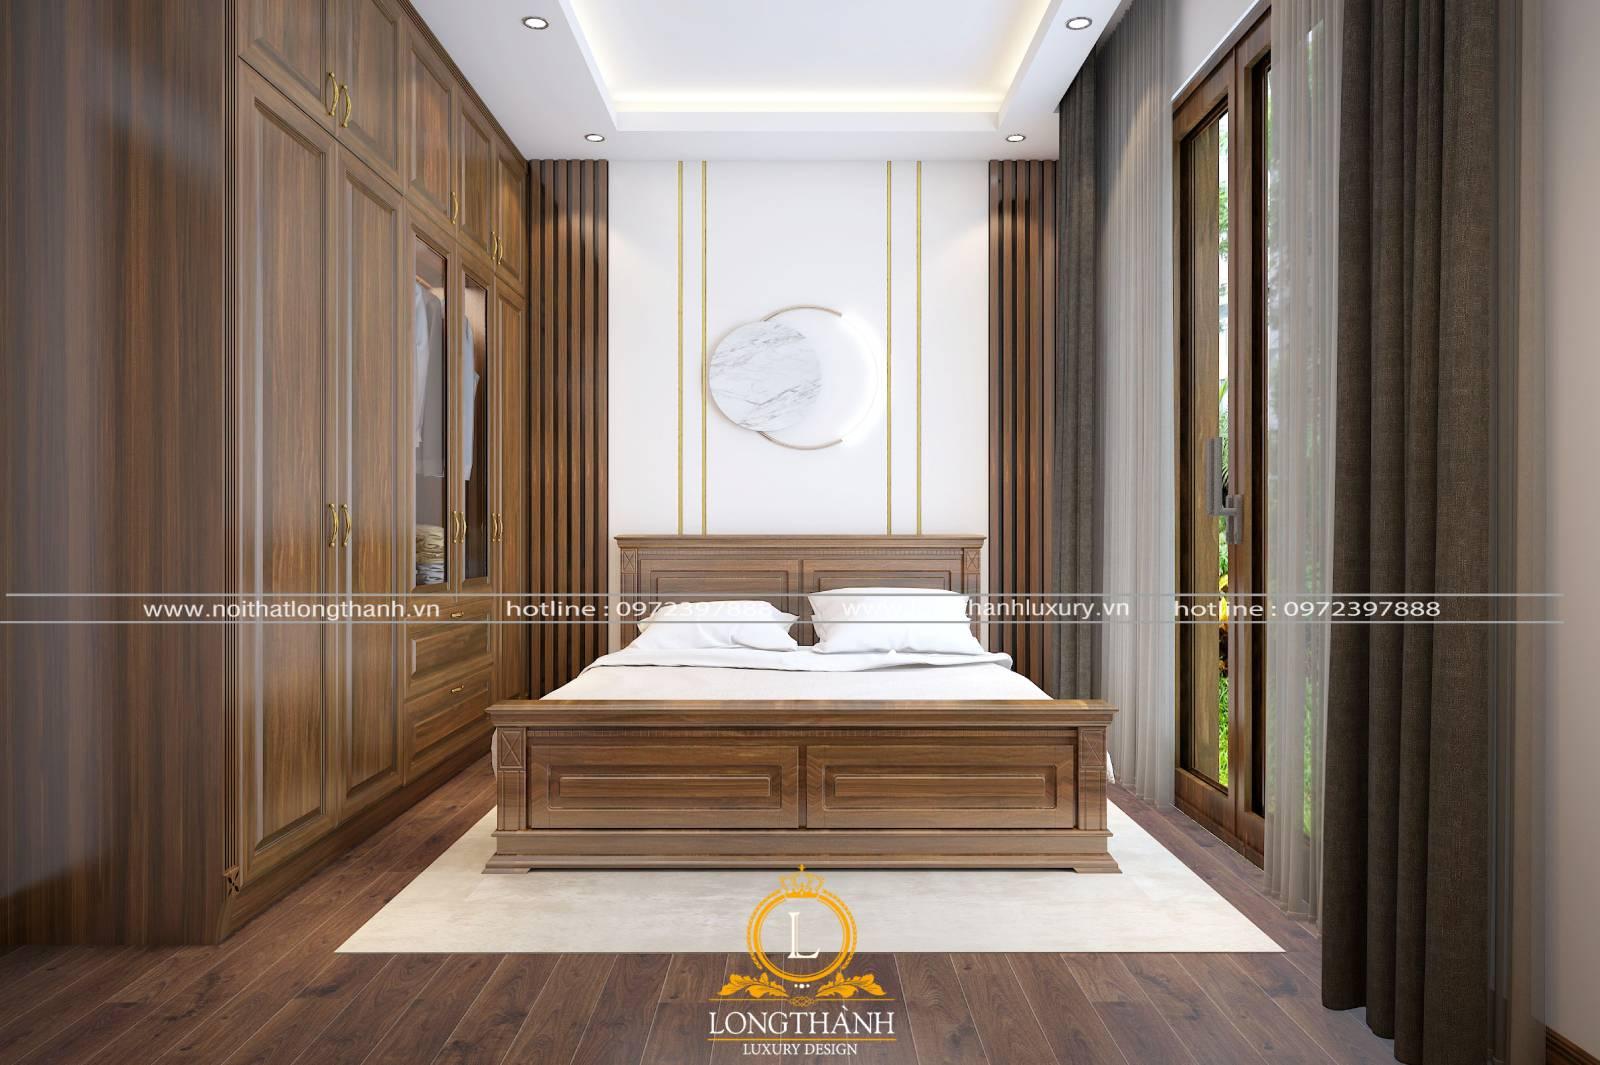 Phòng ngủ khách sạn tân cổ điển nhỏ một giường đơn